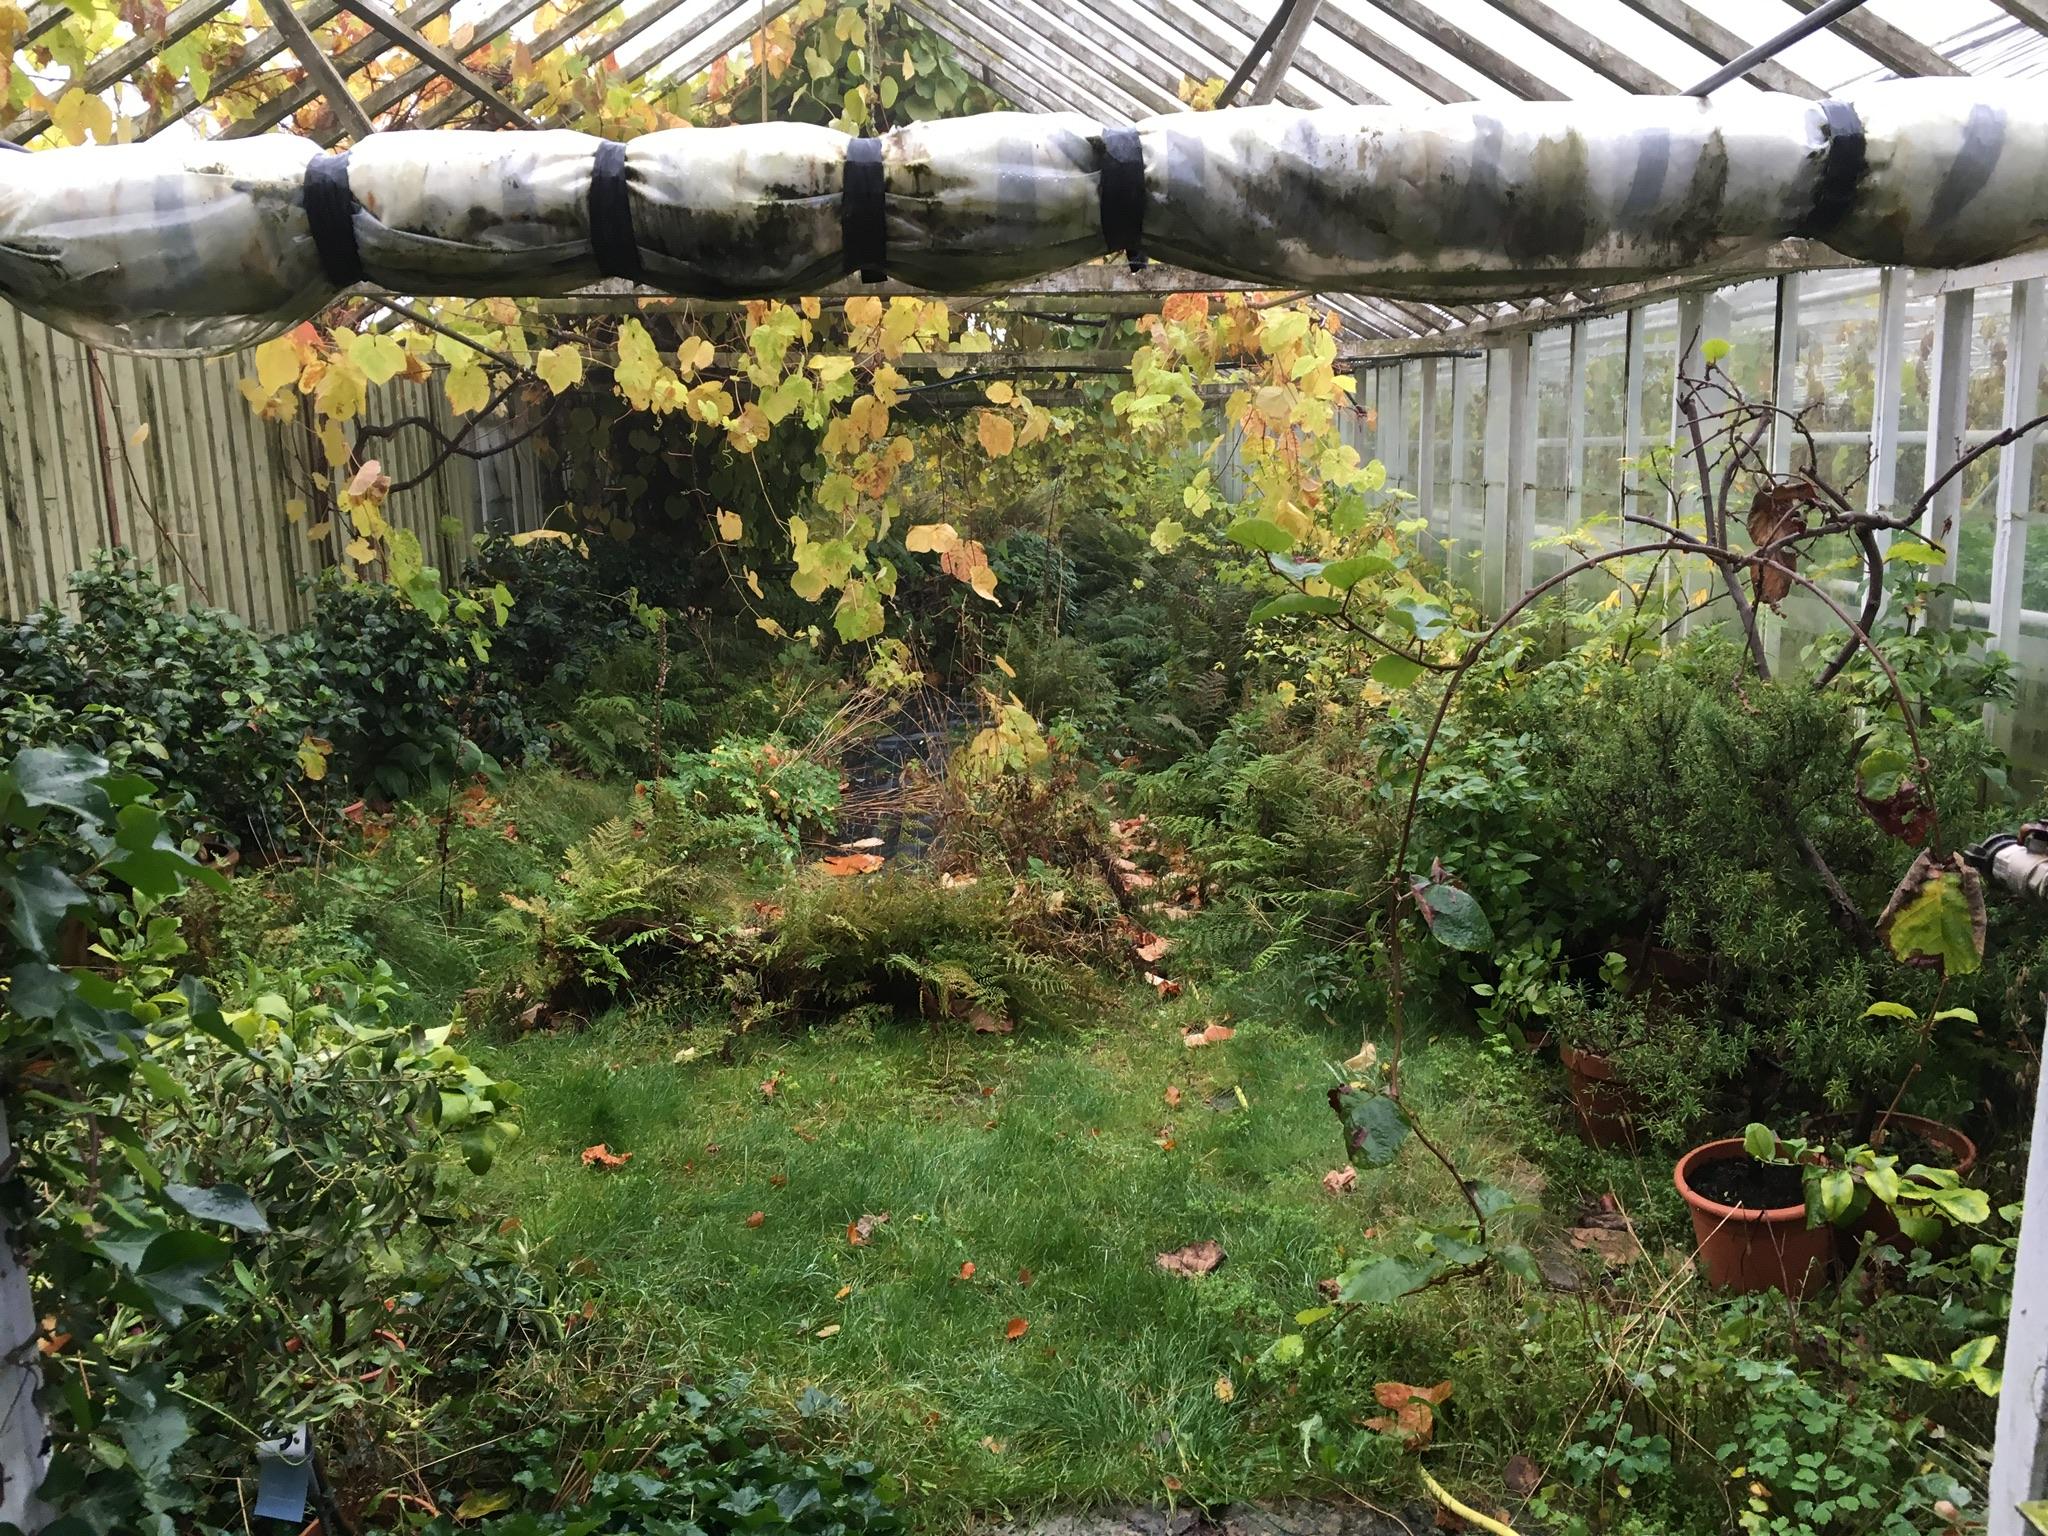 BÄCKDALENS - Handelsträdgård har ett vidunderligt läge ute på Bjärehalvön. Här odlar man tomater i mängder och bjuder på hembakat i det som en gång var ett stall. Caféverksamheten började som en lek men är i dag Bäckdalens kärna.På bilden ser ni ett av deras växthus, som vi denna tiden i mitten av Oktober har fått växa sig ifrån pedantiska små styrda fingrar, resultatet blir magisk.